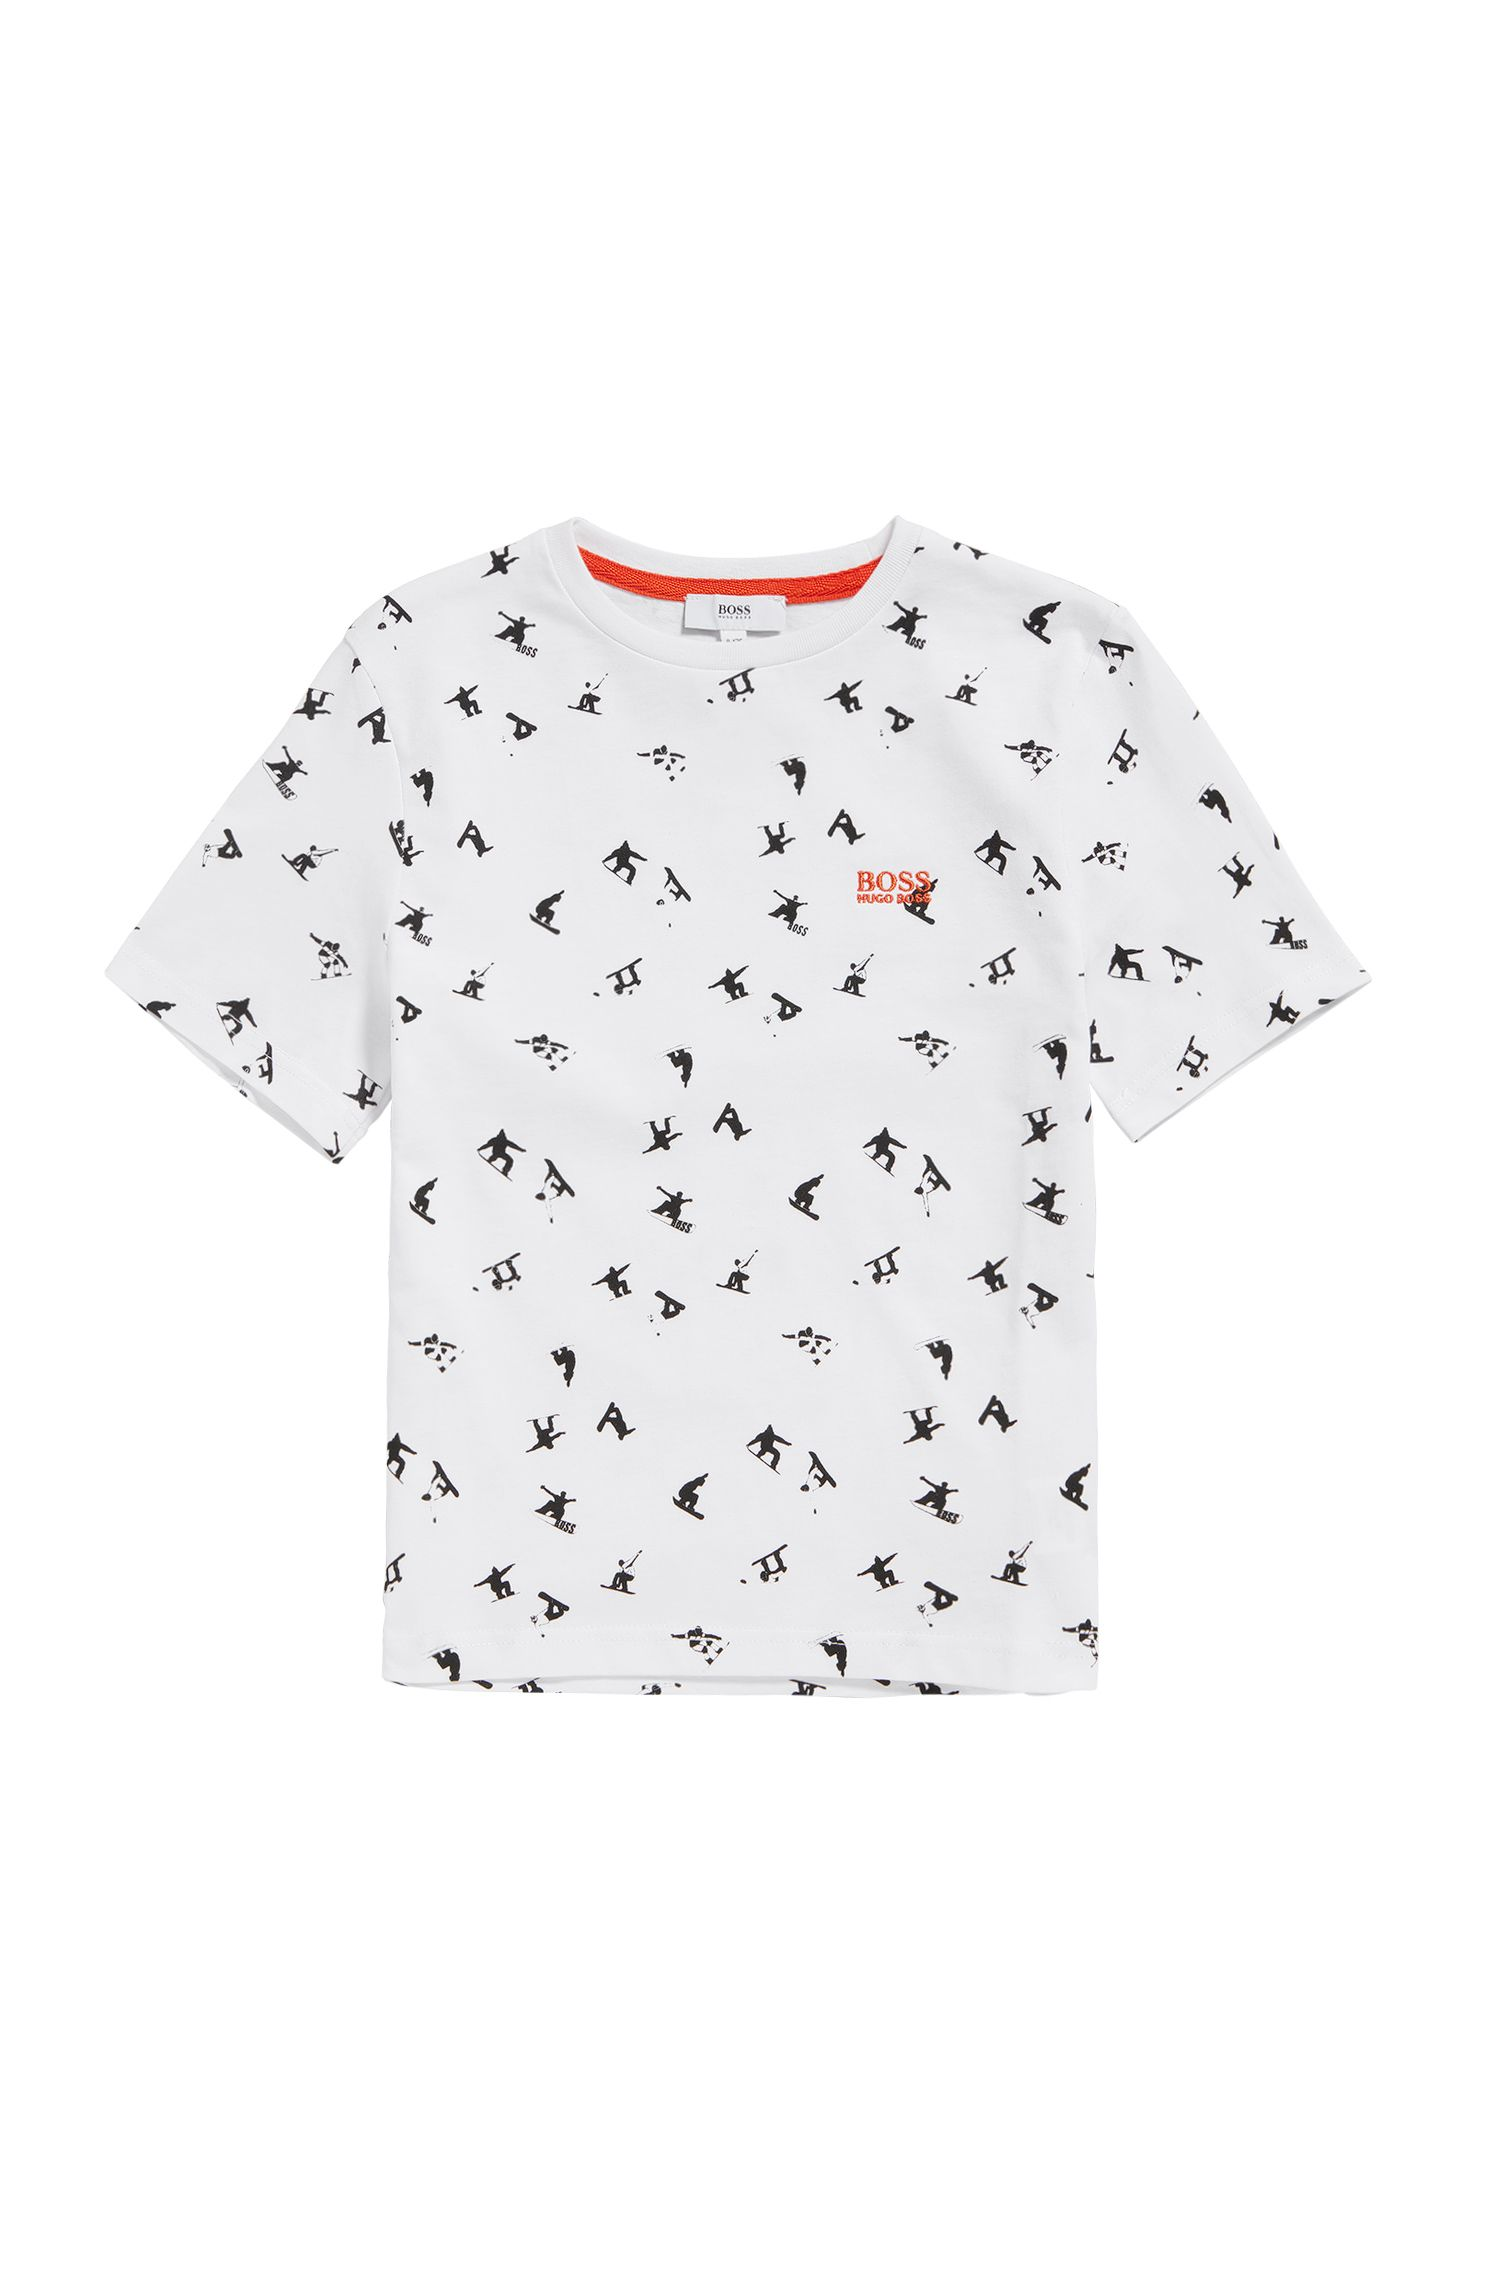 'J25A34' | Boys Cotton Printed T-Shirt